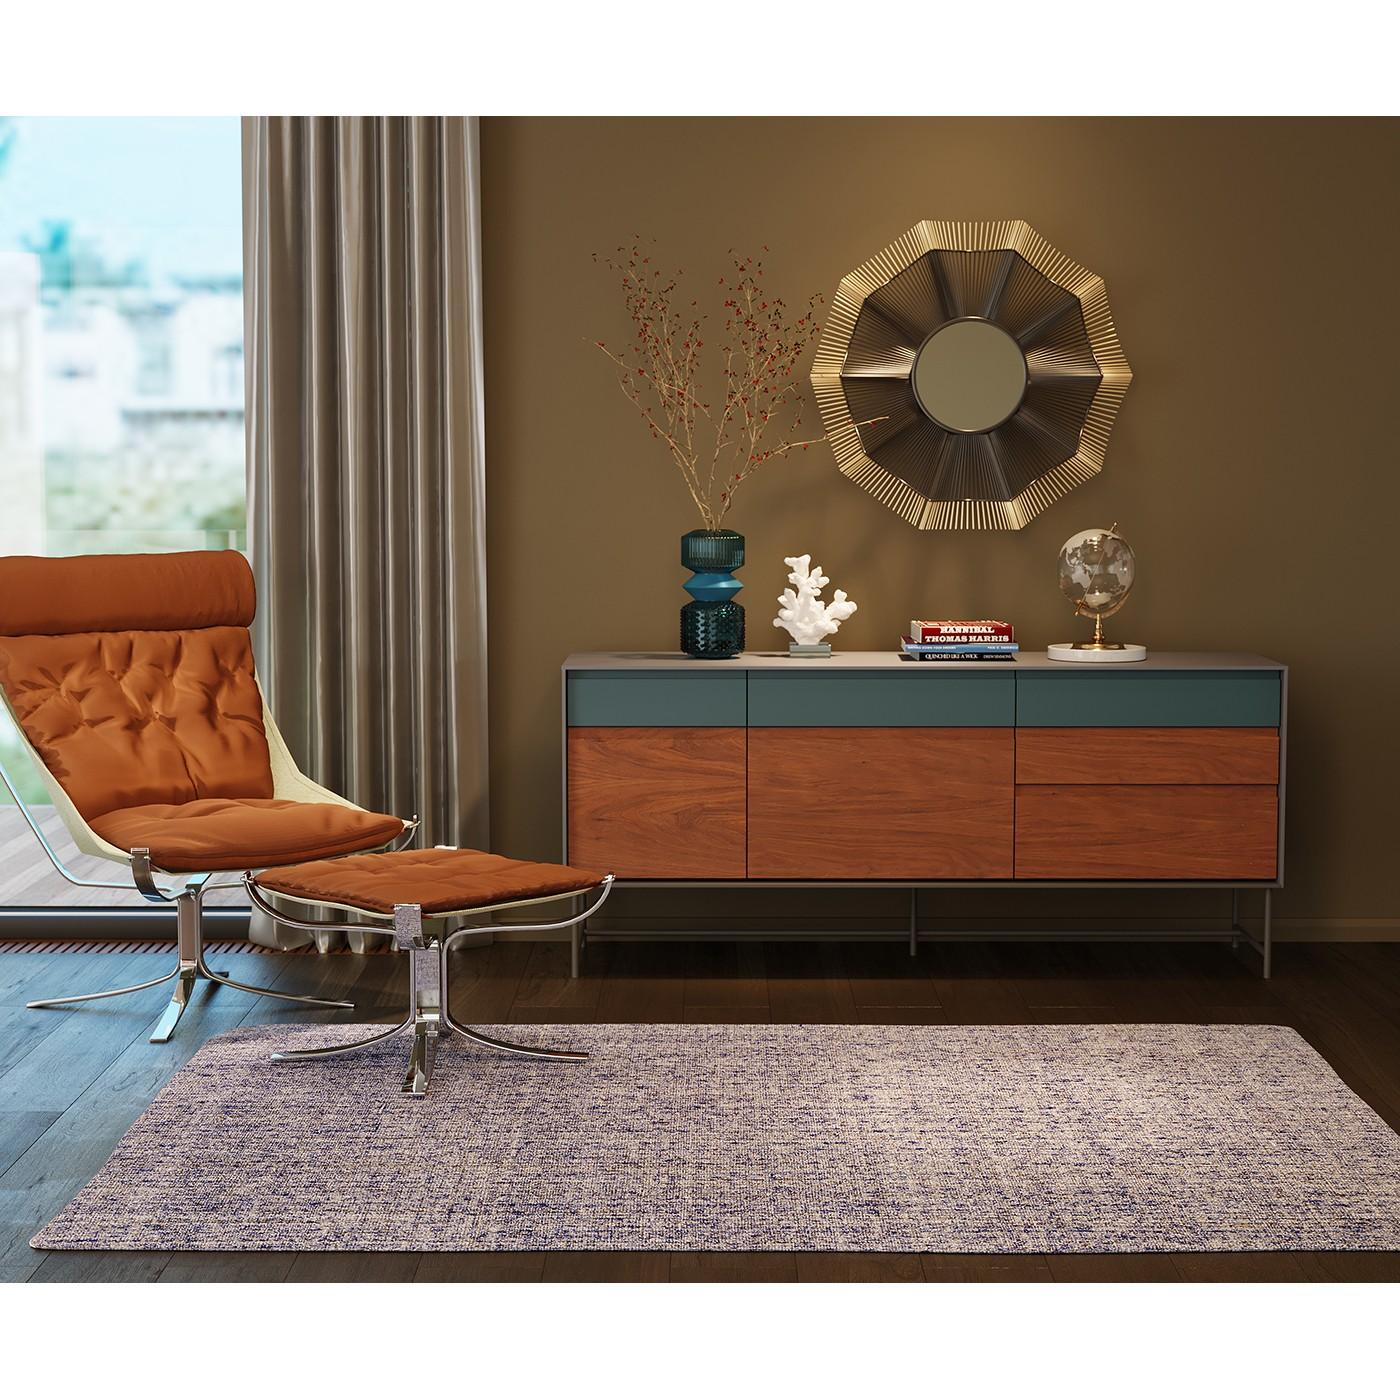 Fauteuil et repose-pieds Washington Kare Design